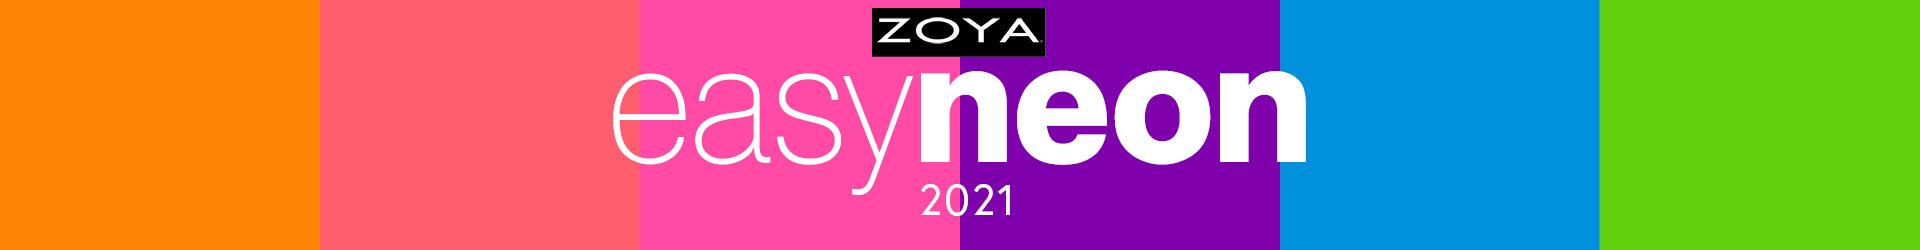 Easy Neon 2021